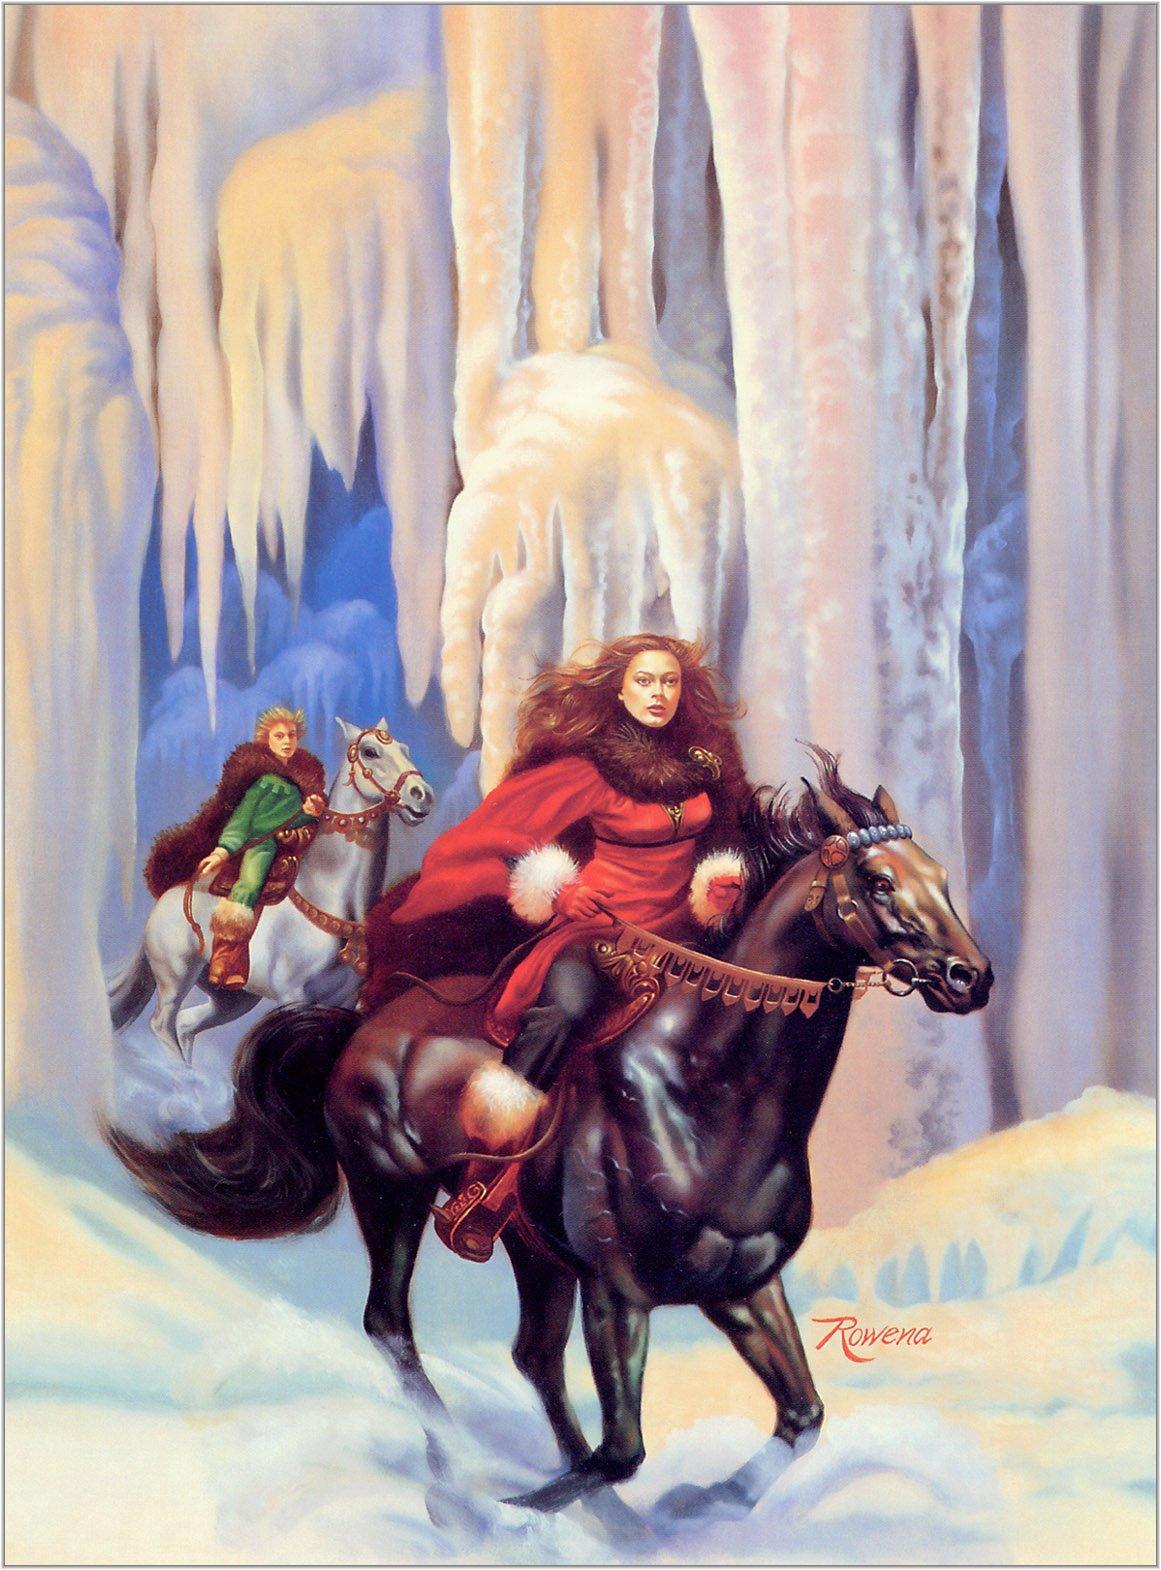 Rowena_Morrill_Sword_of_Winter.jpg